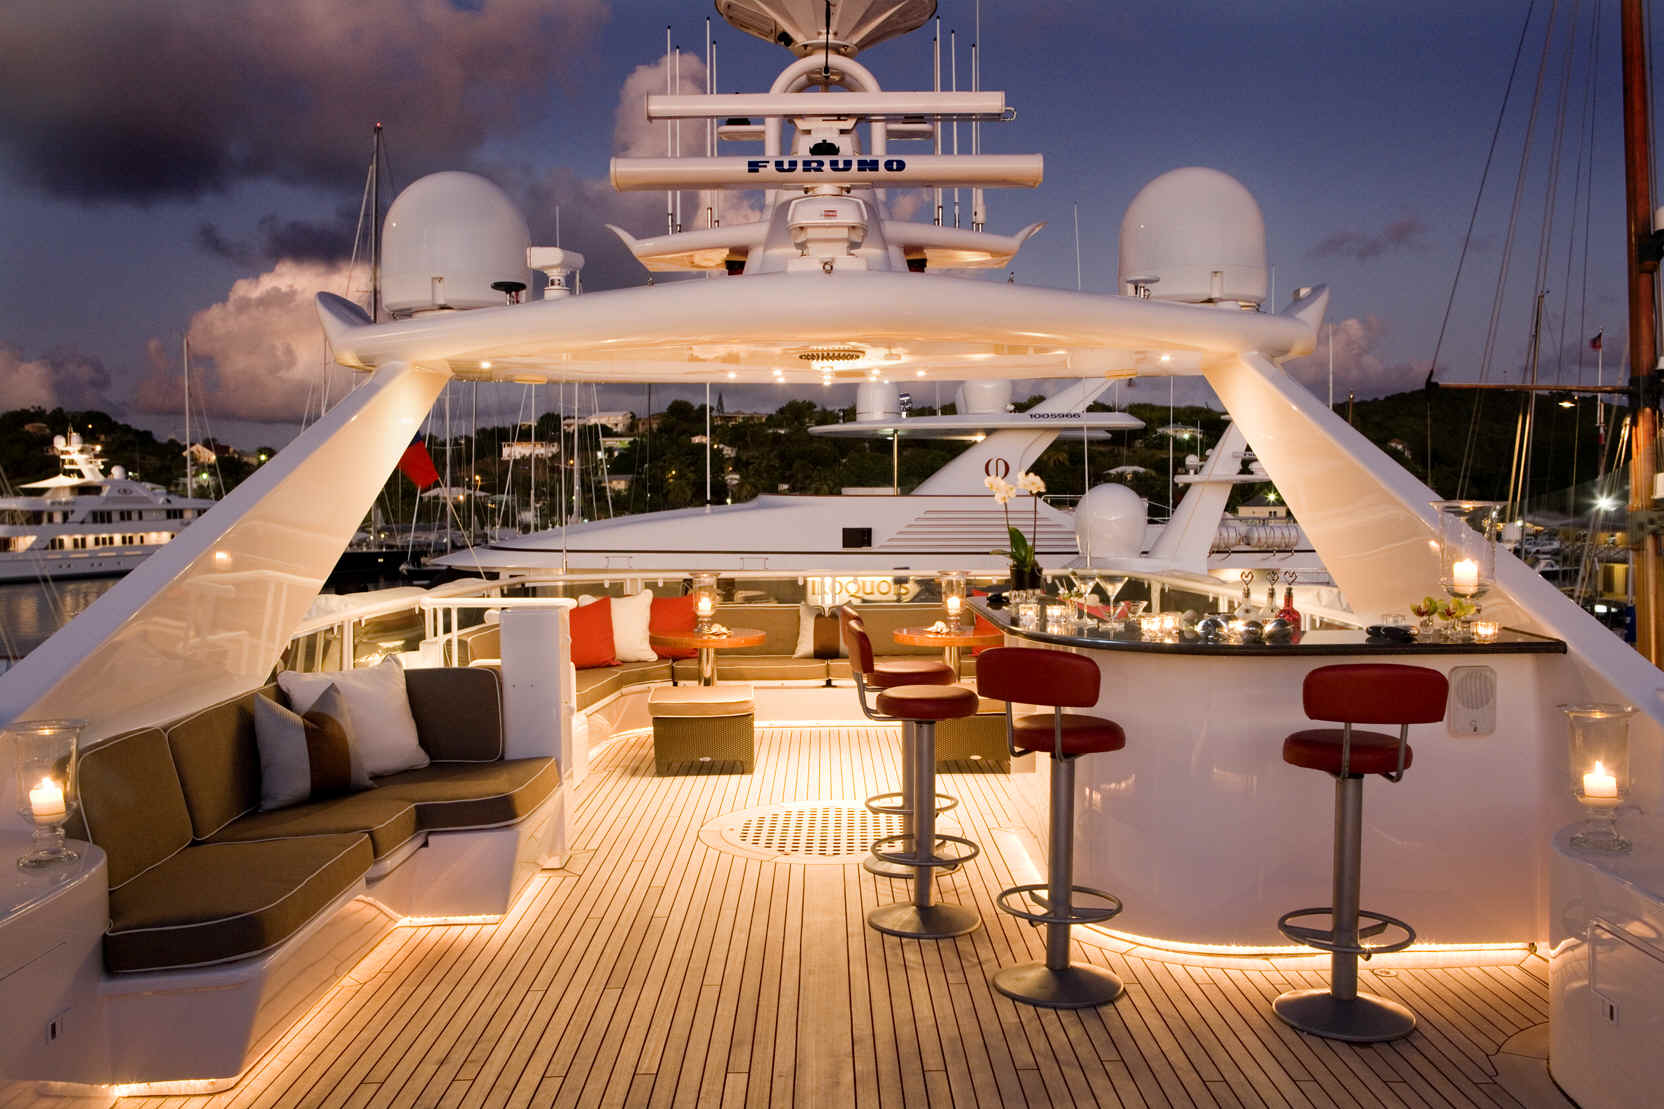 Paluby luxusních jacht miliardářů! Tohle chcete jednou zažít na vlastní kůži!